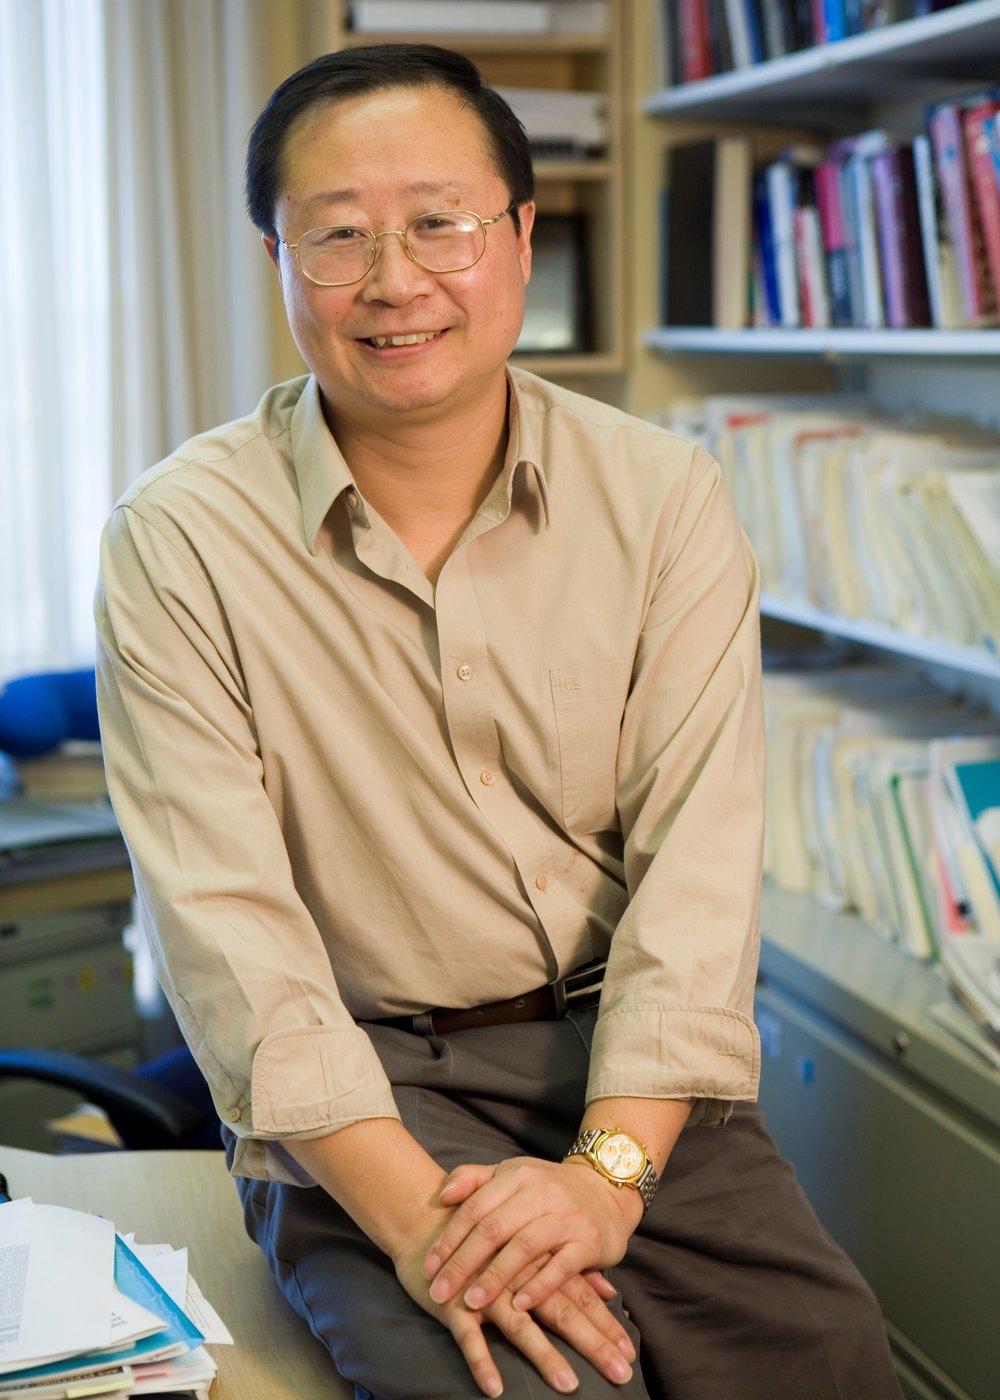 Jun O Liu